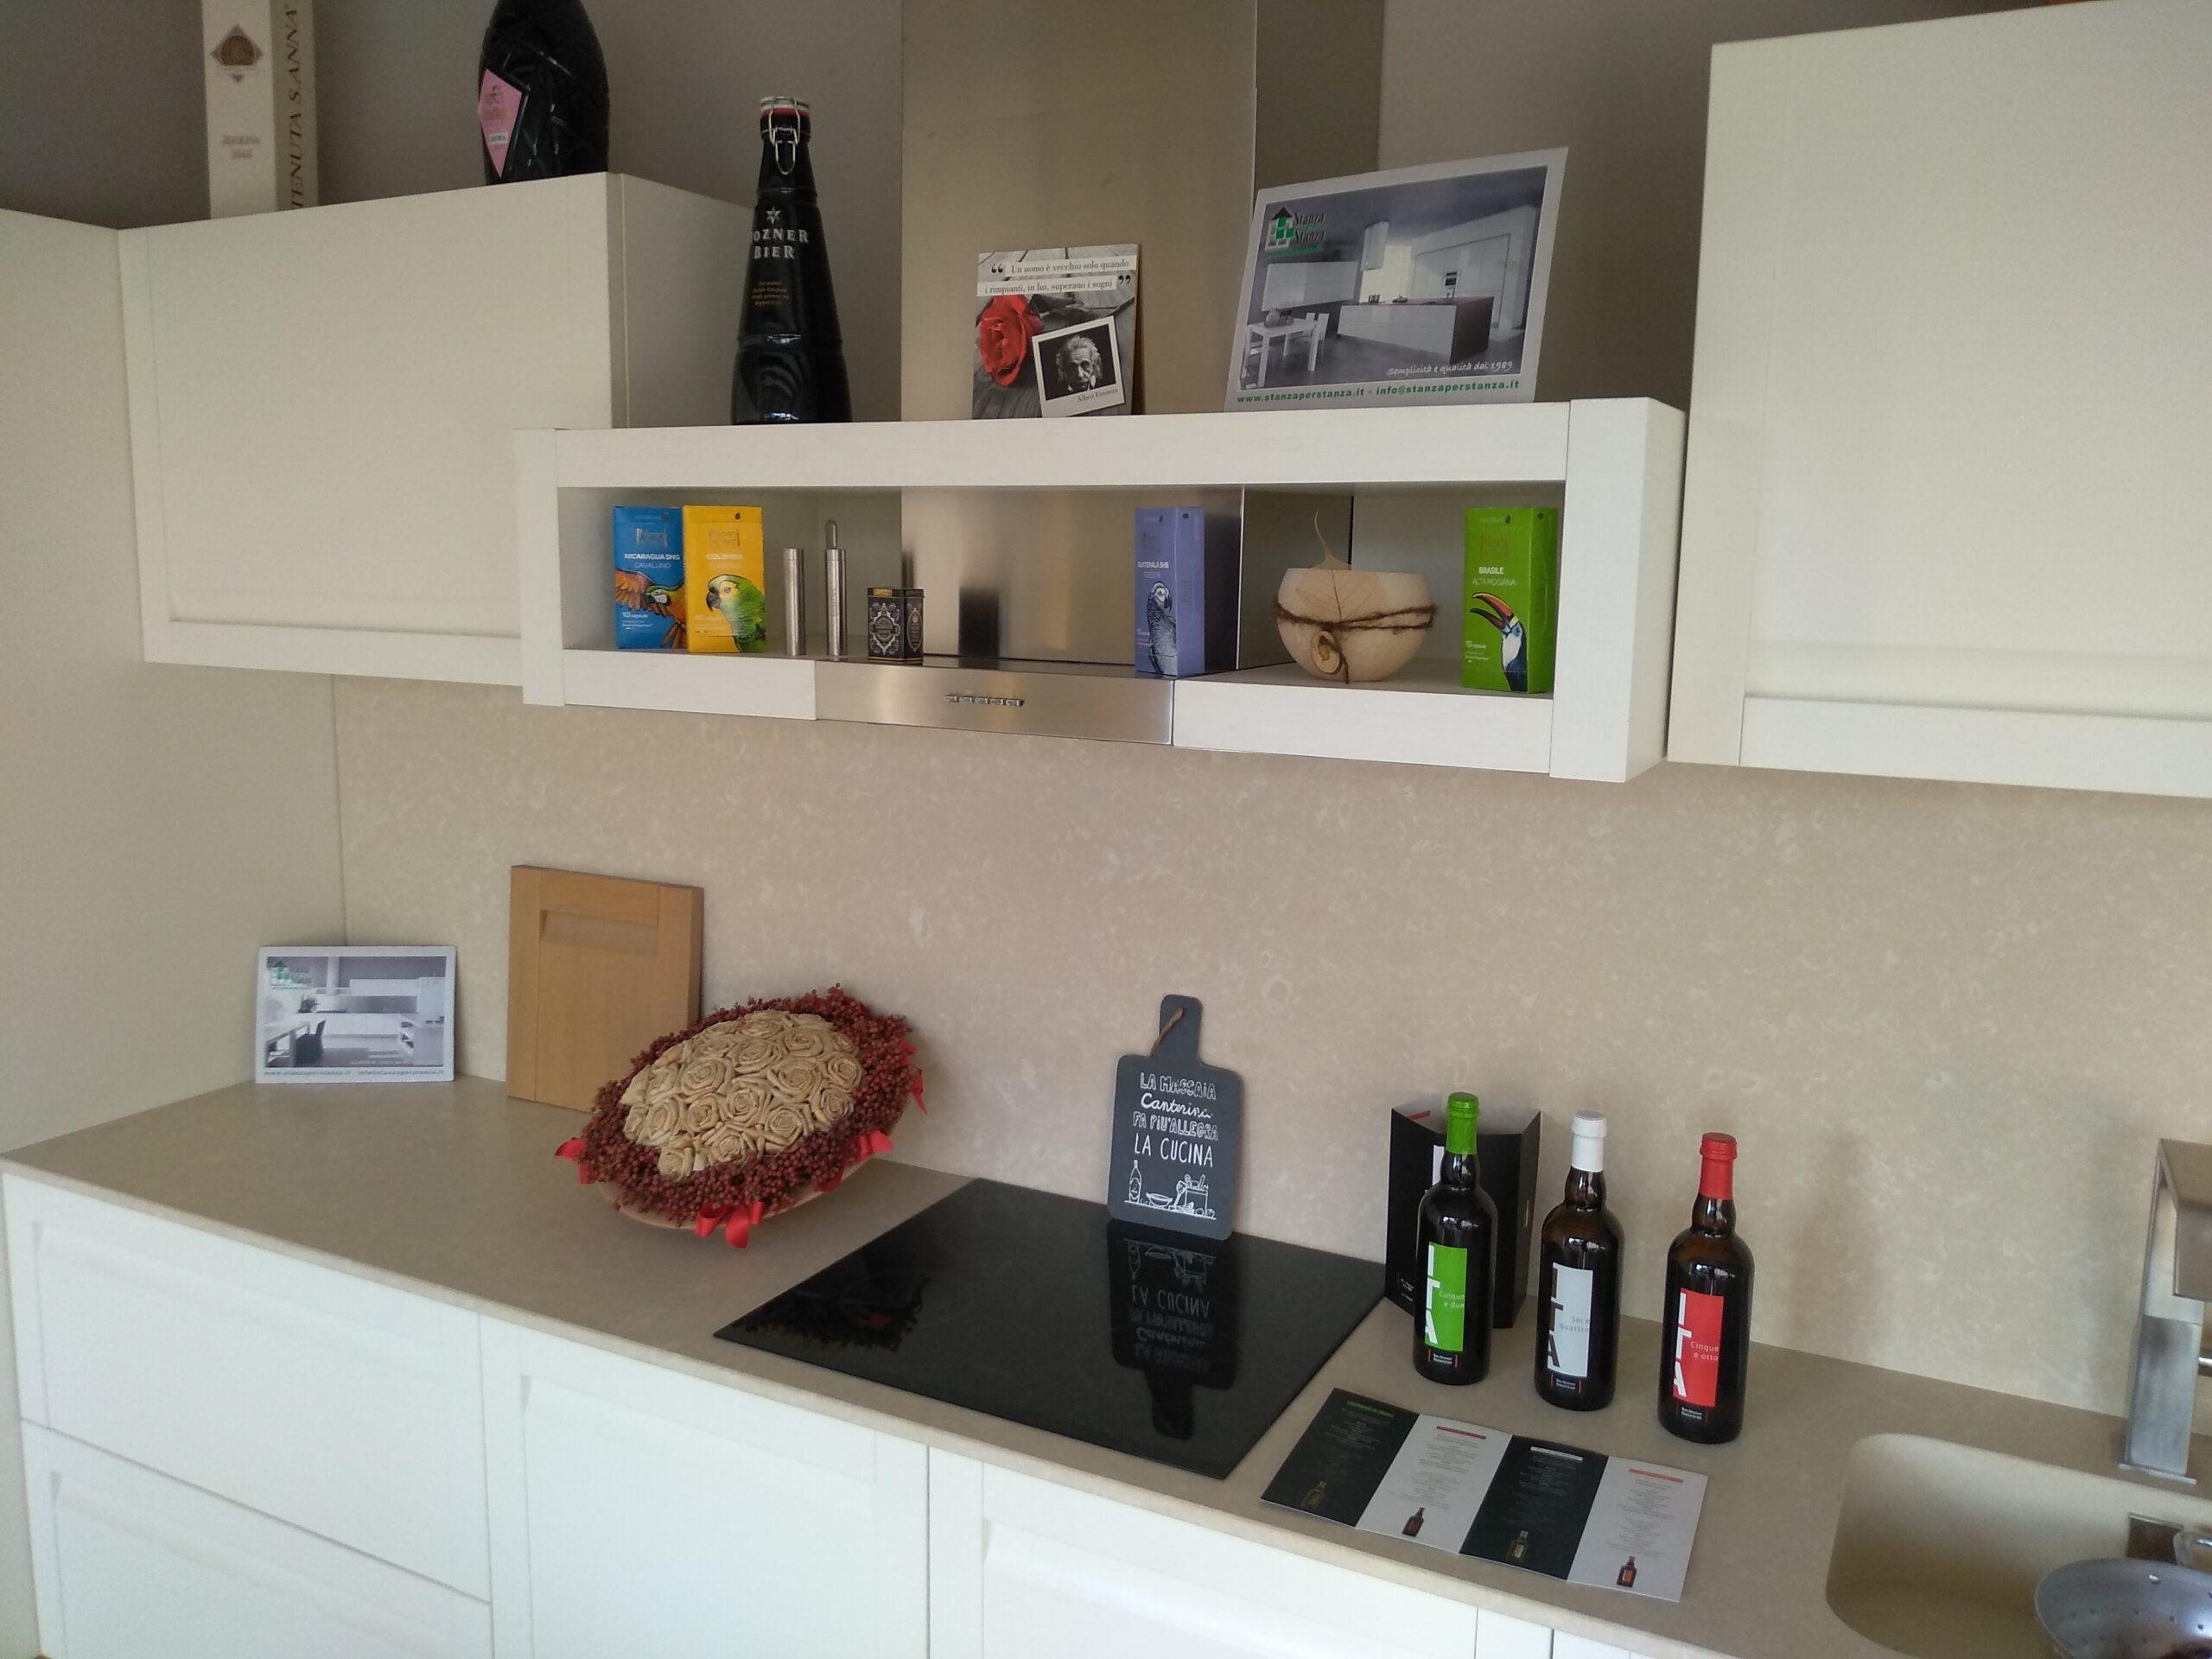 Cucina GD modello Treviso OFFERA SPECIALE